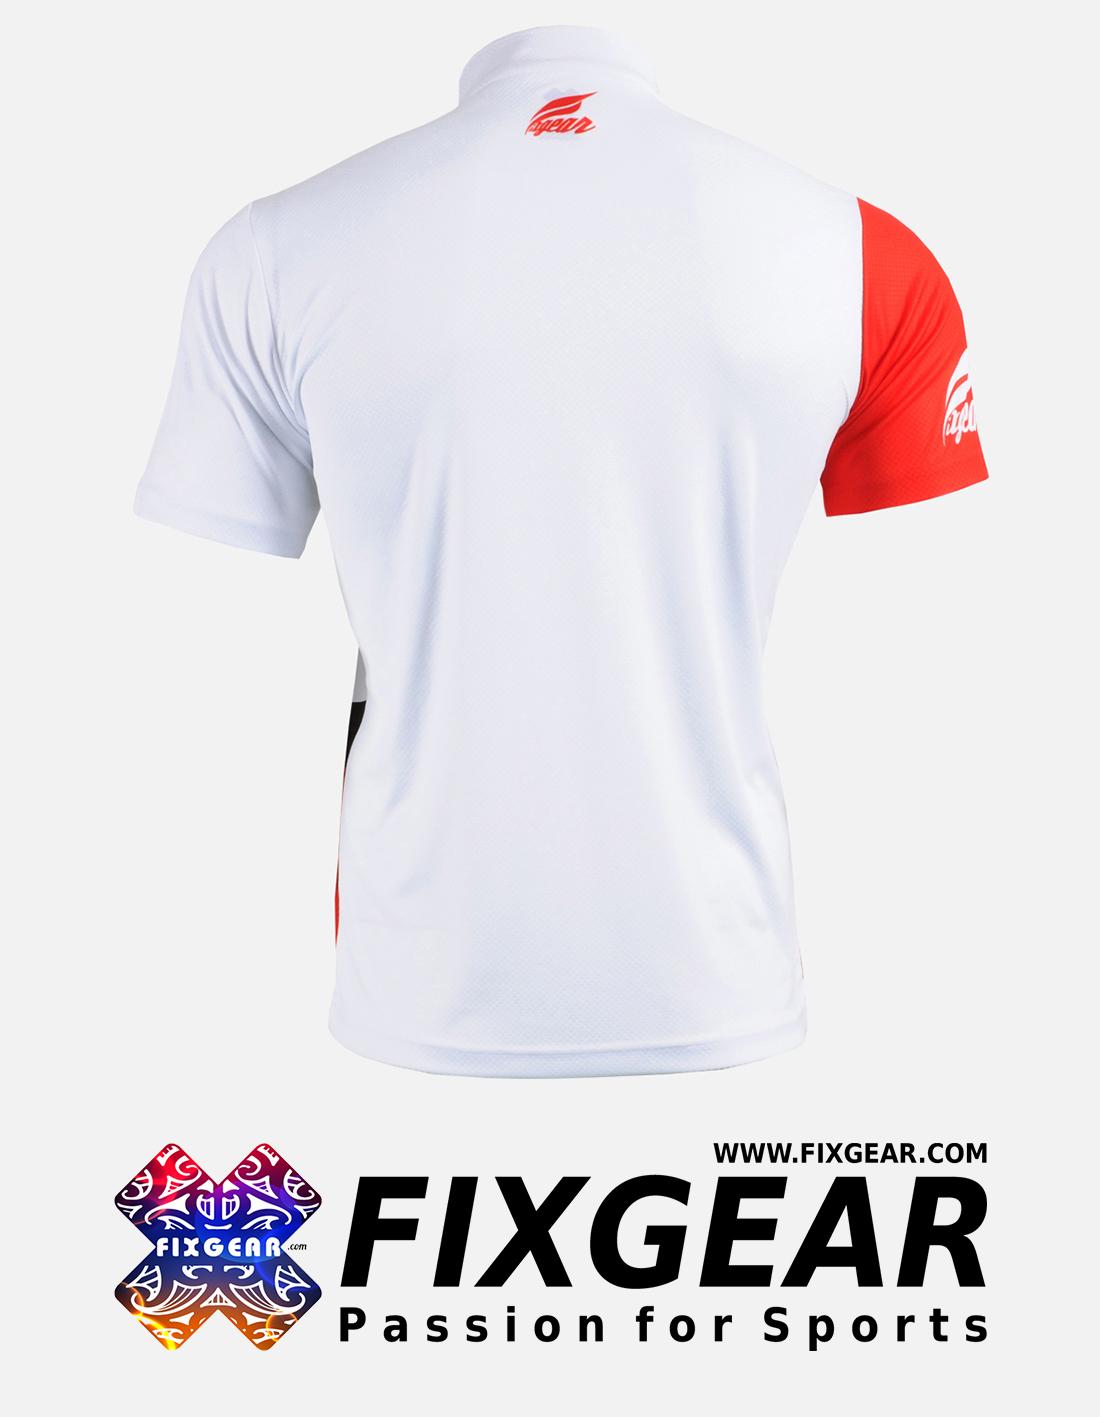 FIXGEAR BM-6202 Casual Men's short sleeve jersey 1/4 zip-up T-Shirt